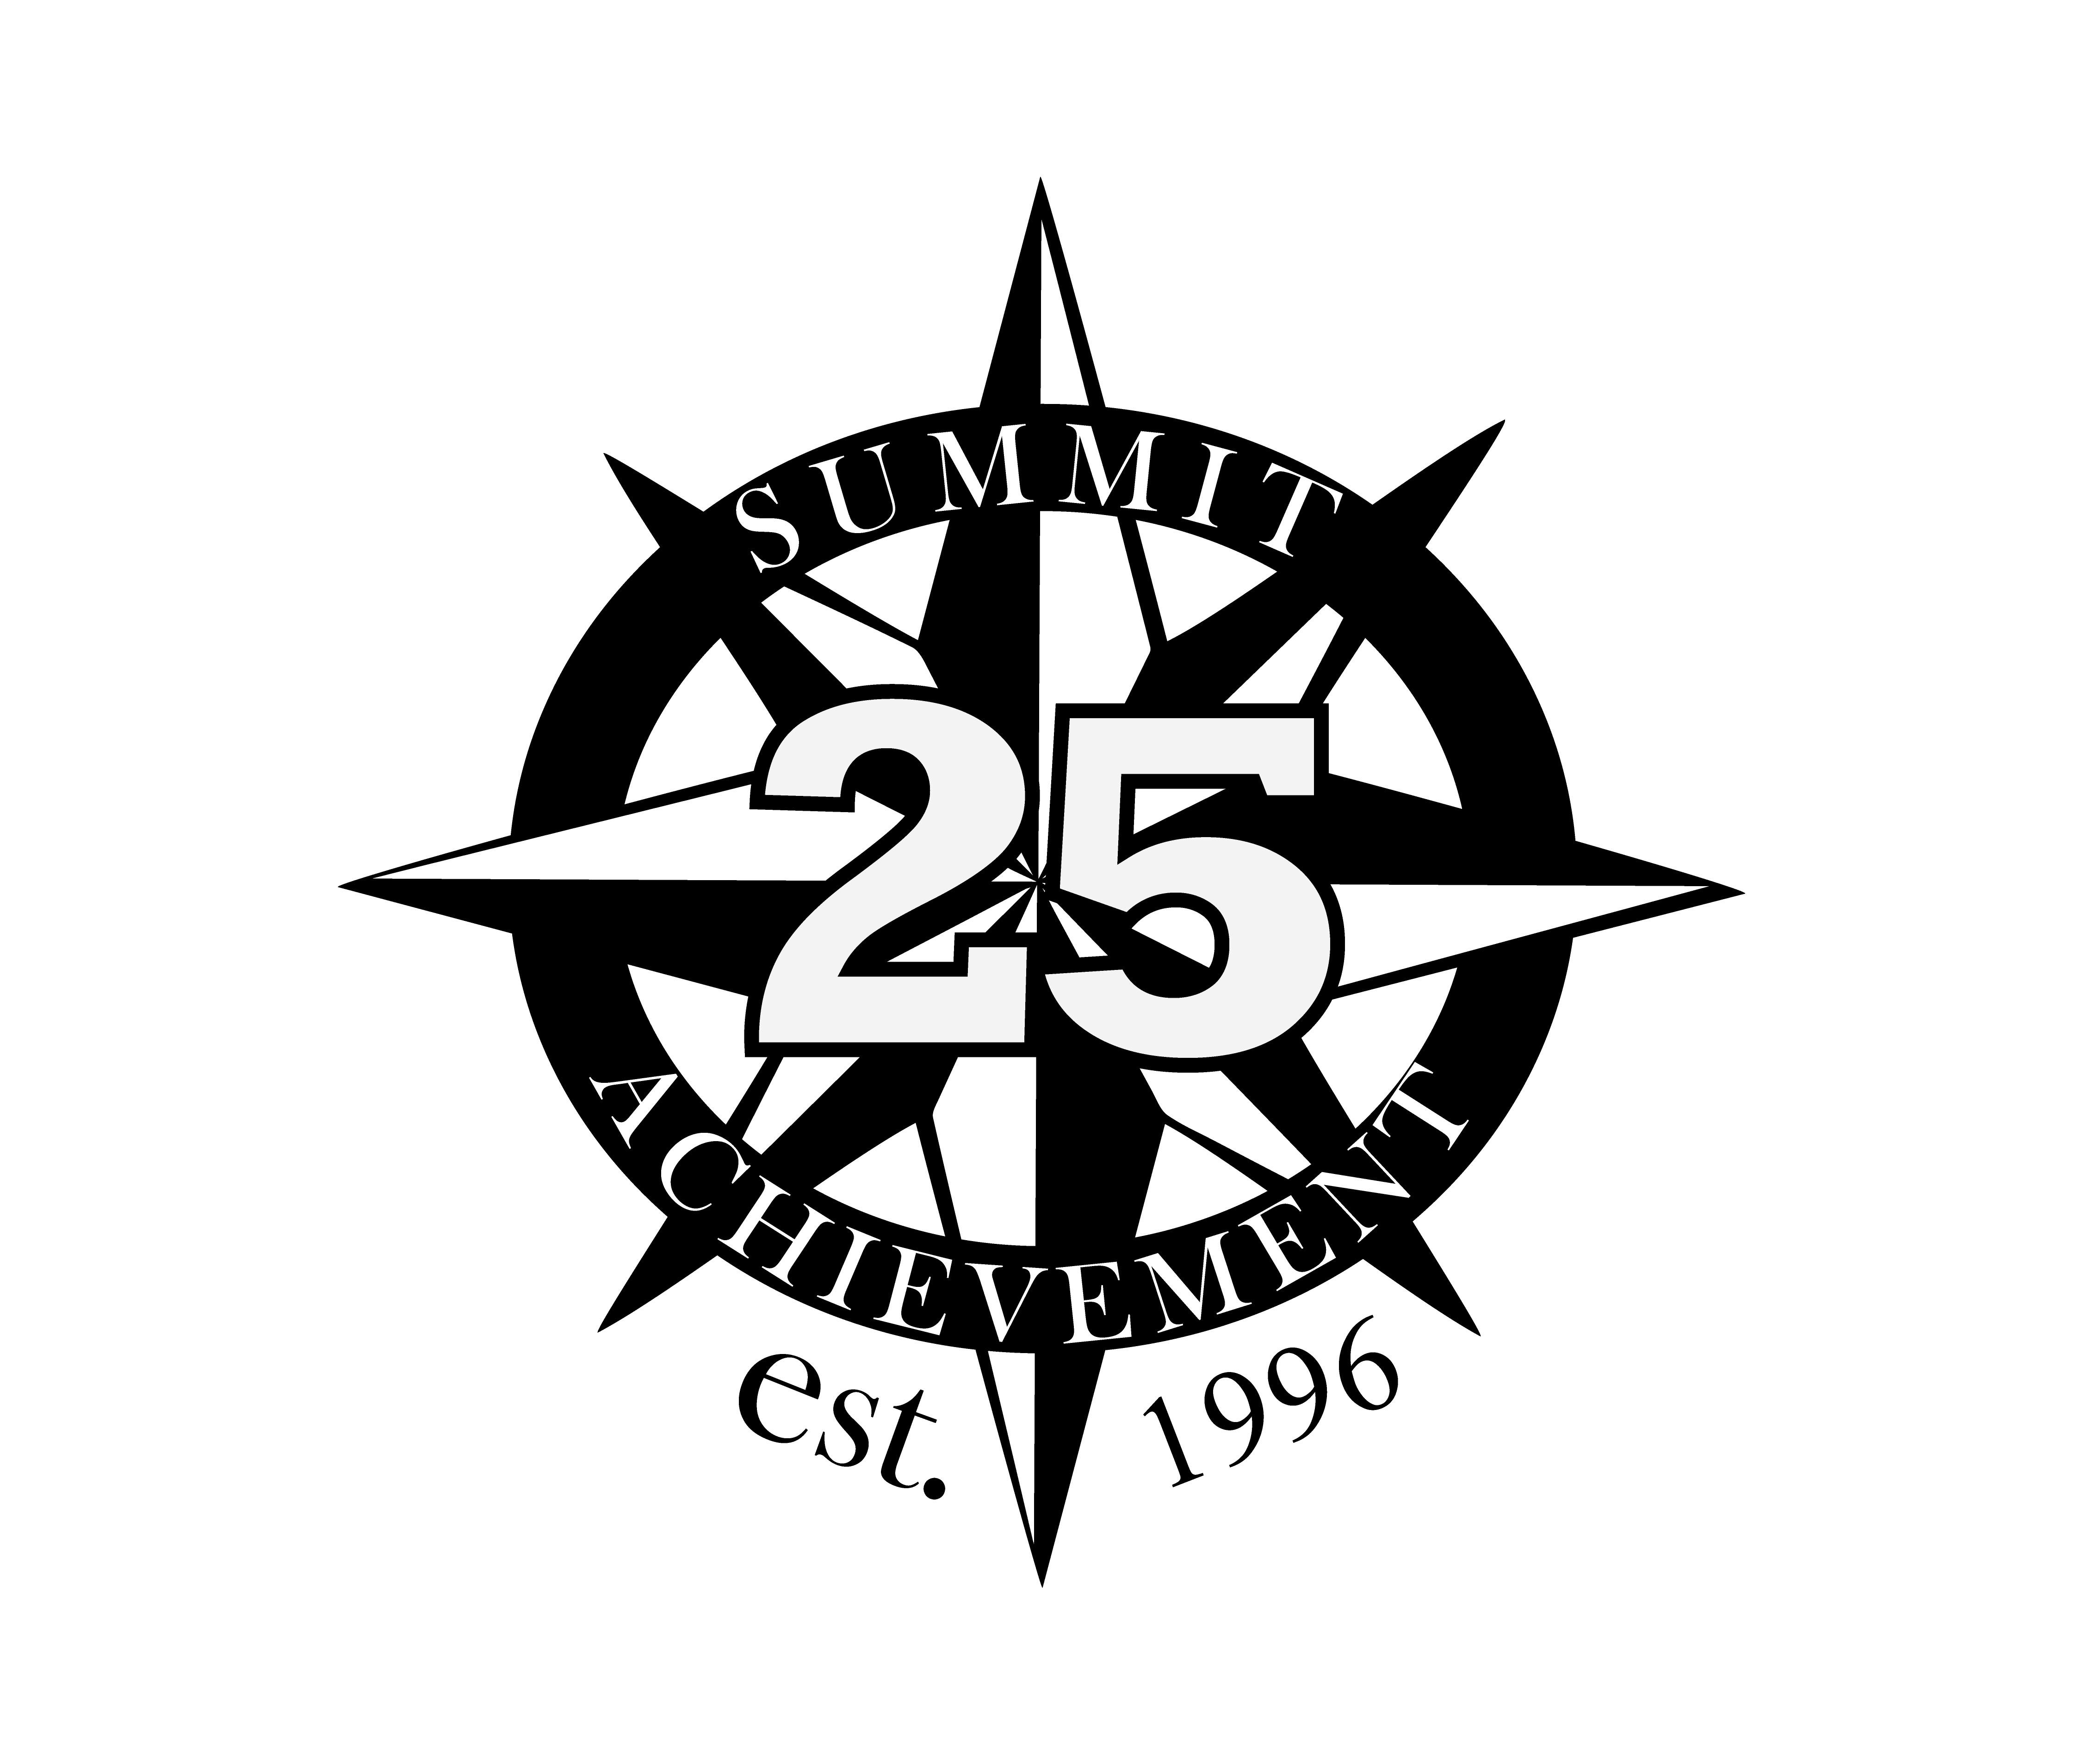 Logo, Summit Achievement Est 1996